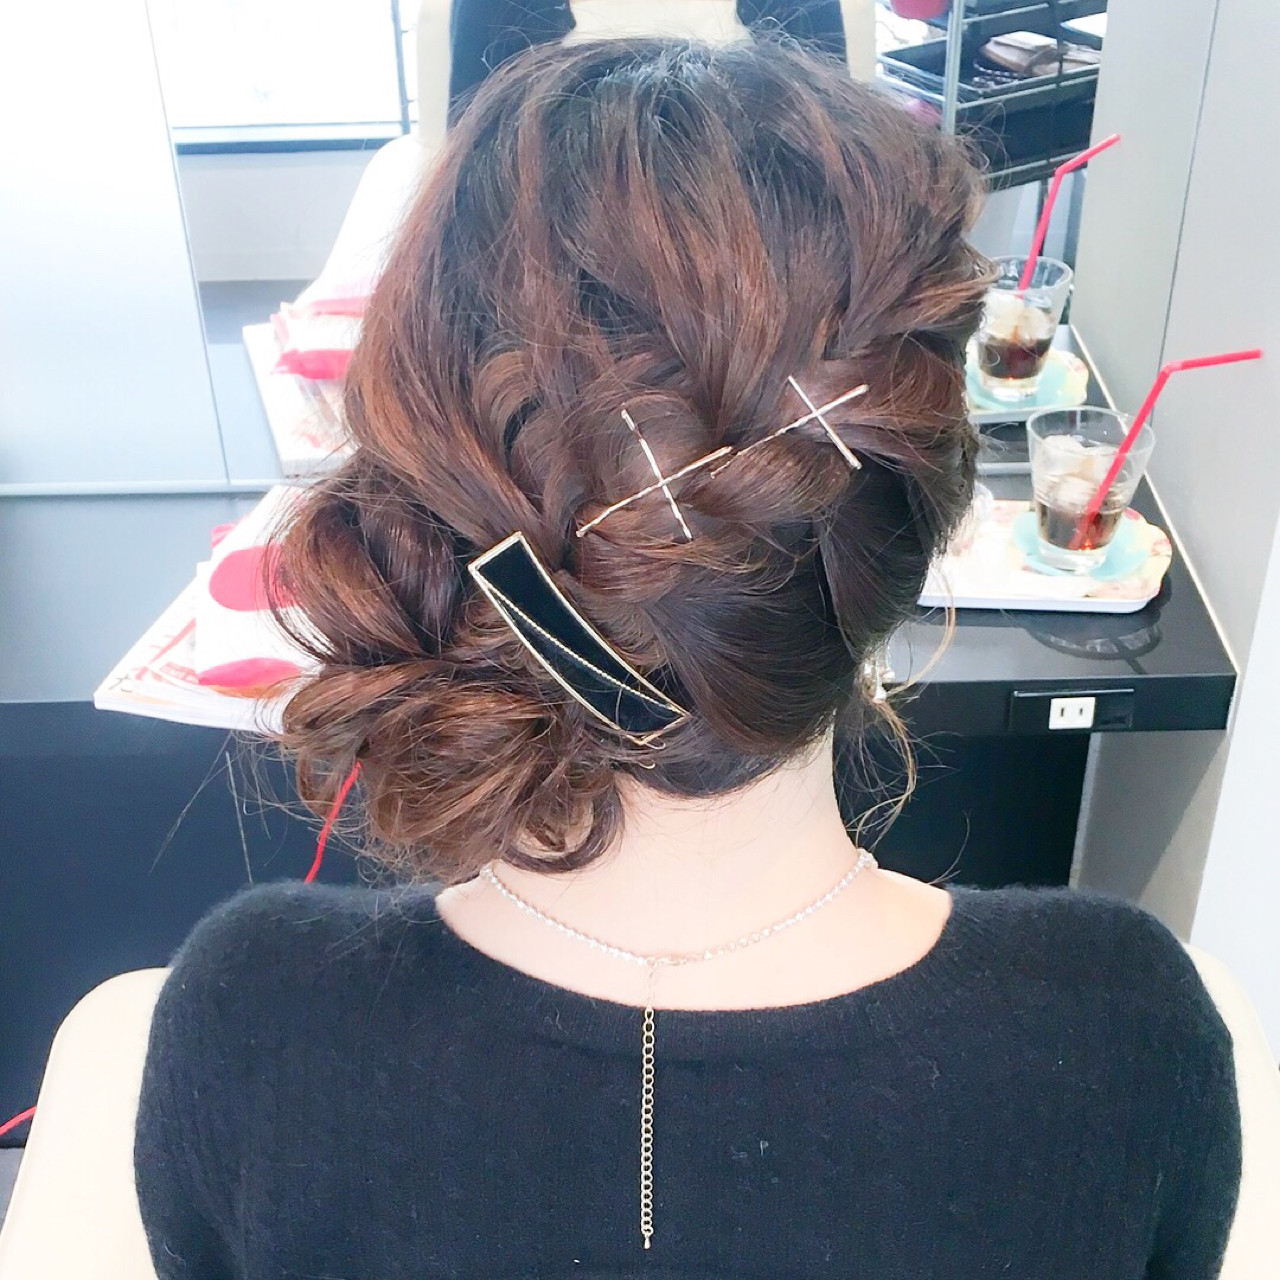 編み込みした毛束をピンで留めてアクセントに 美容師 HIRO